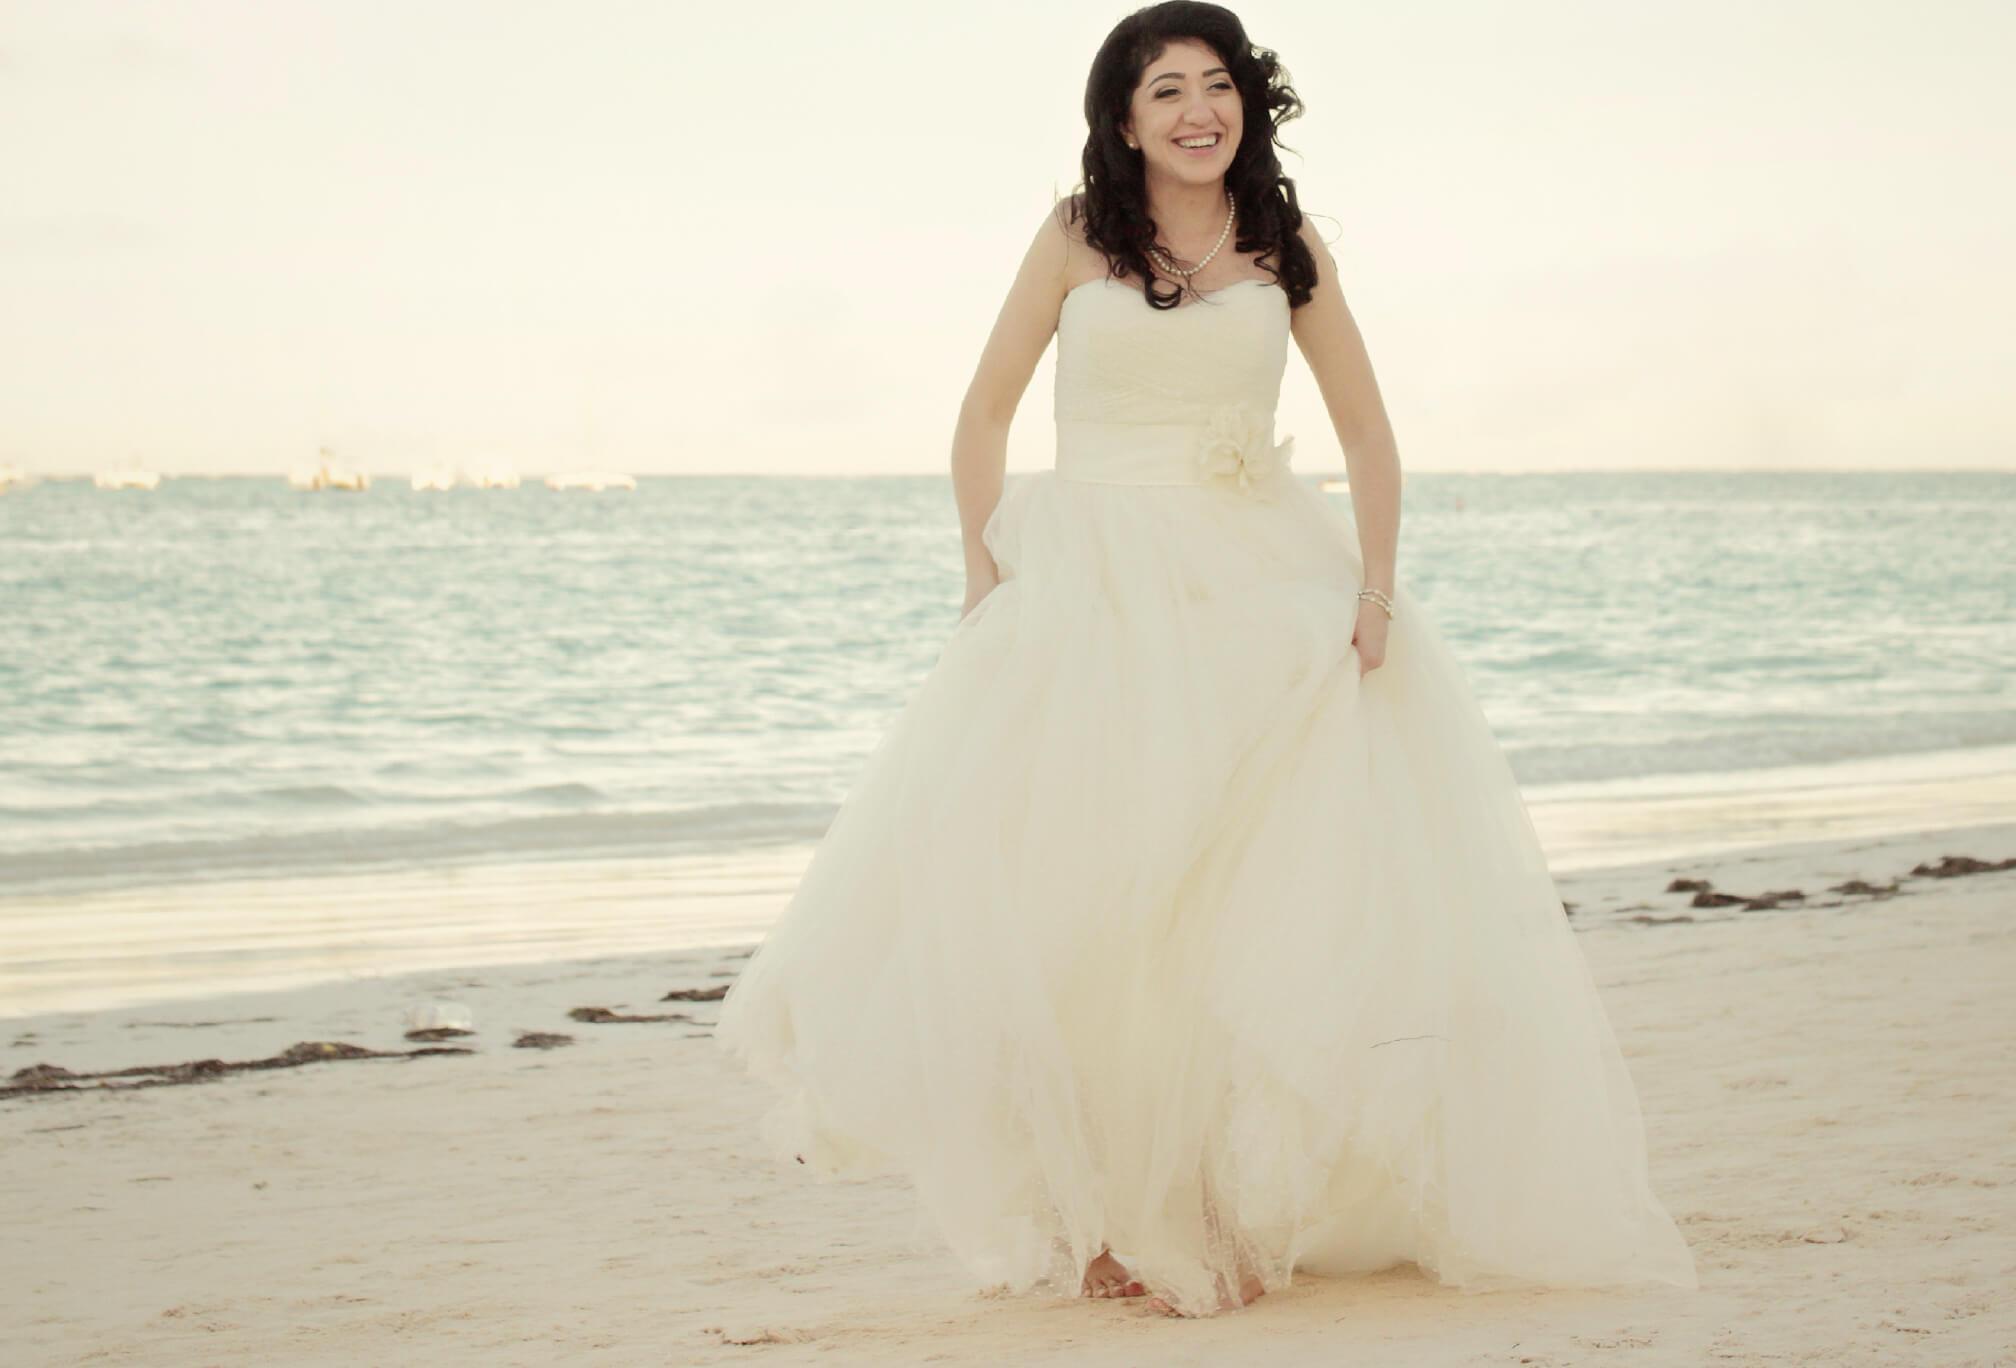 cute bride on beach